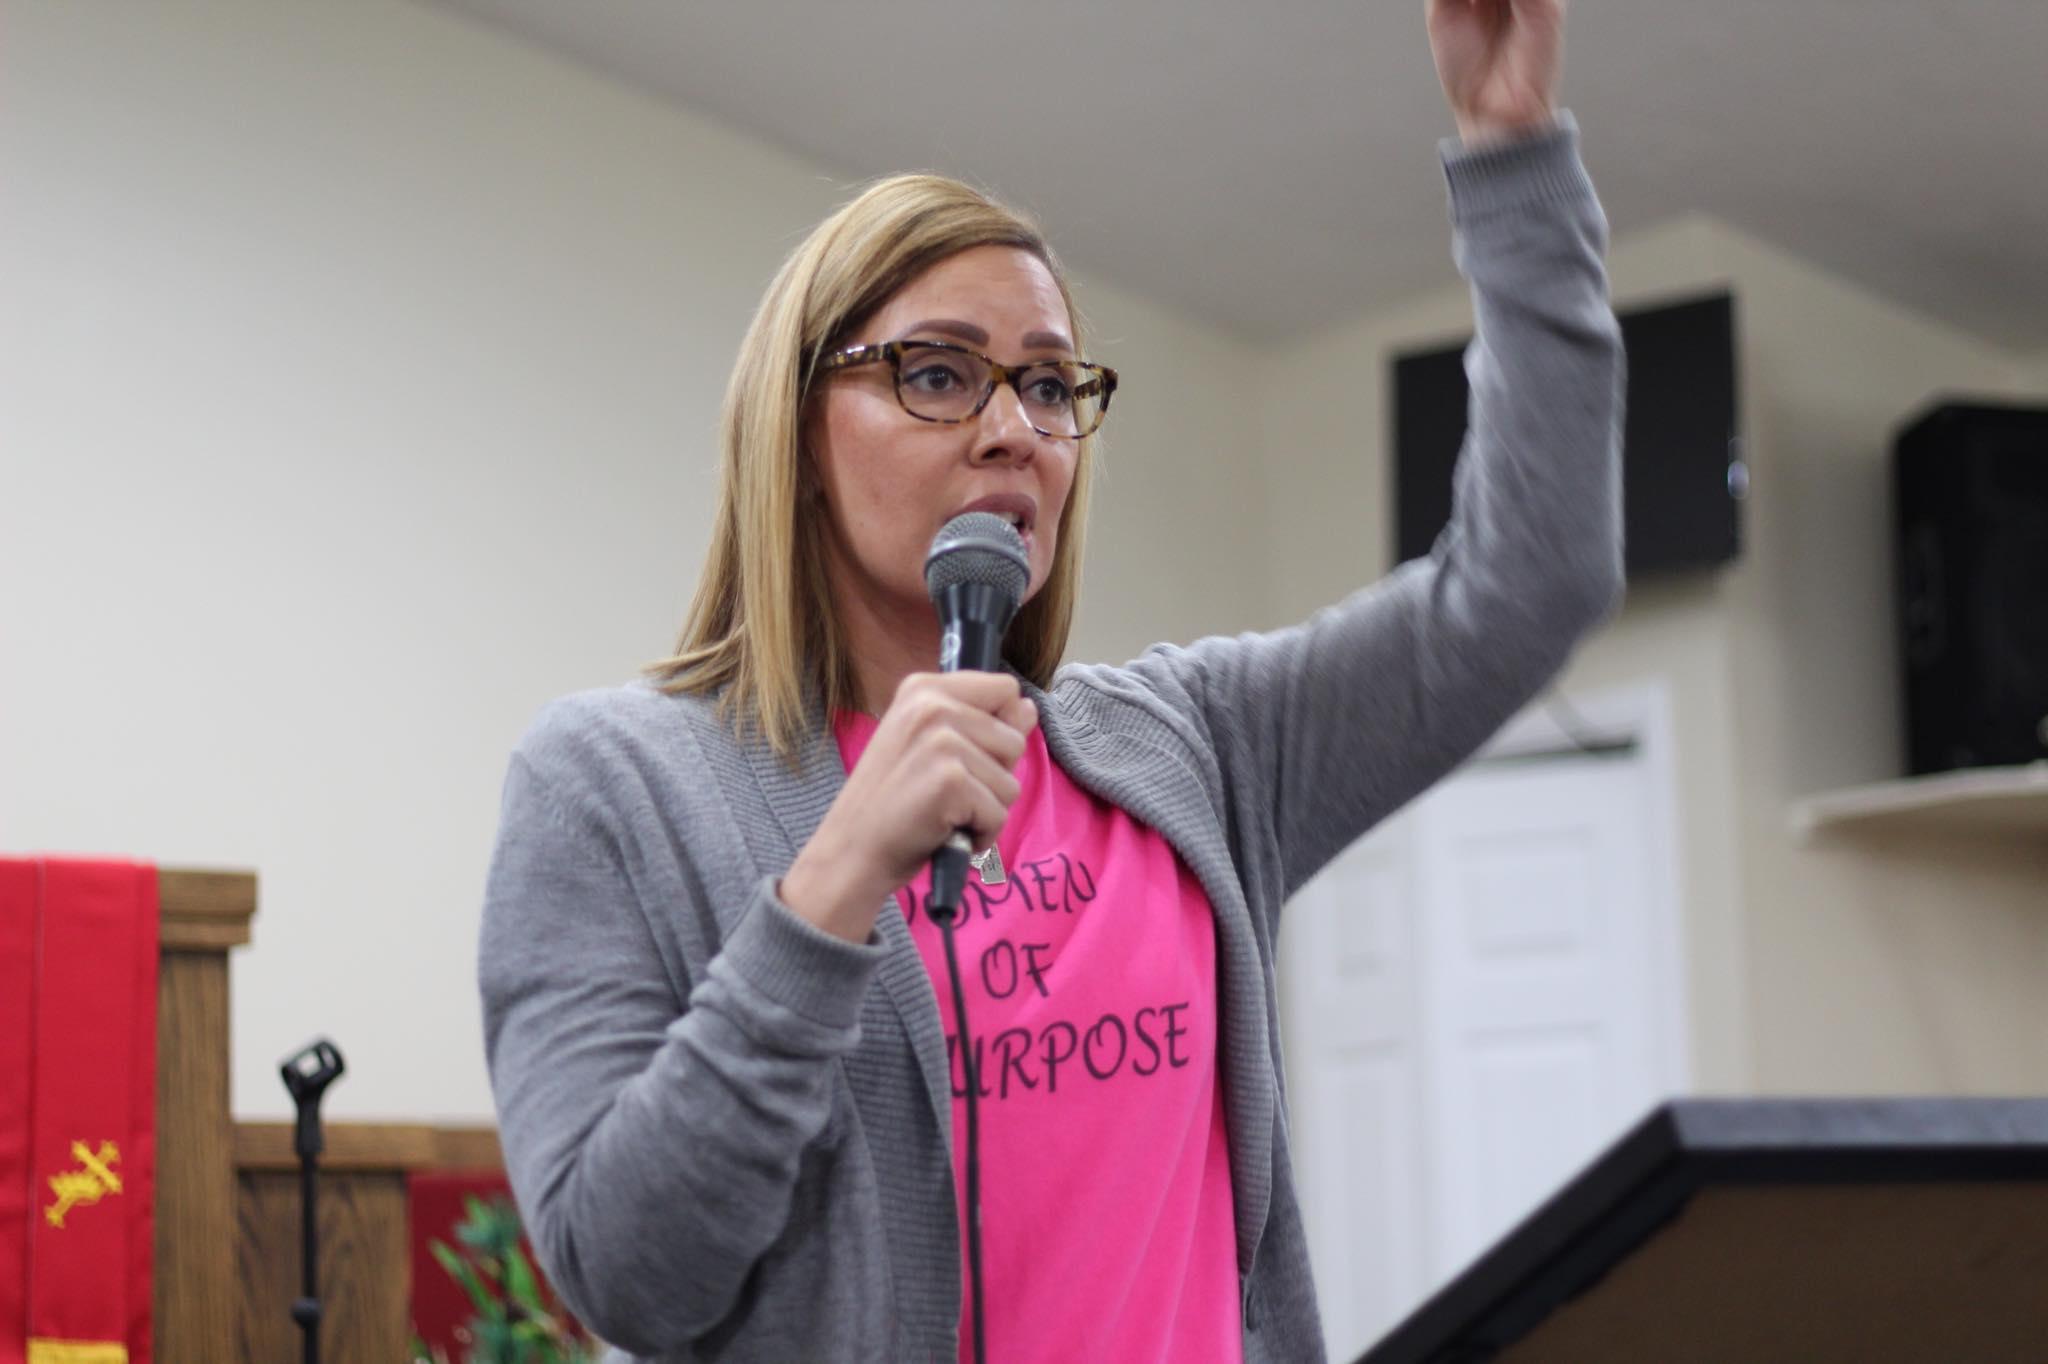 Evangelist Leslie Williams